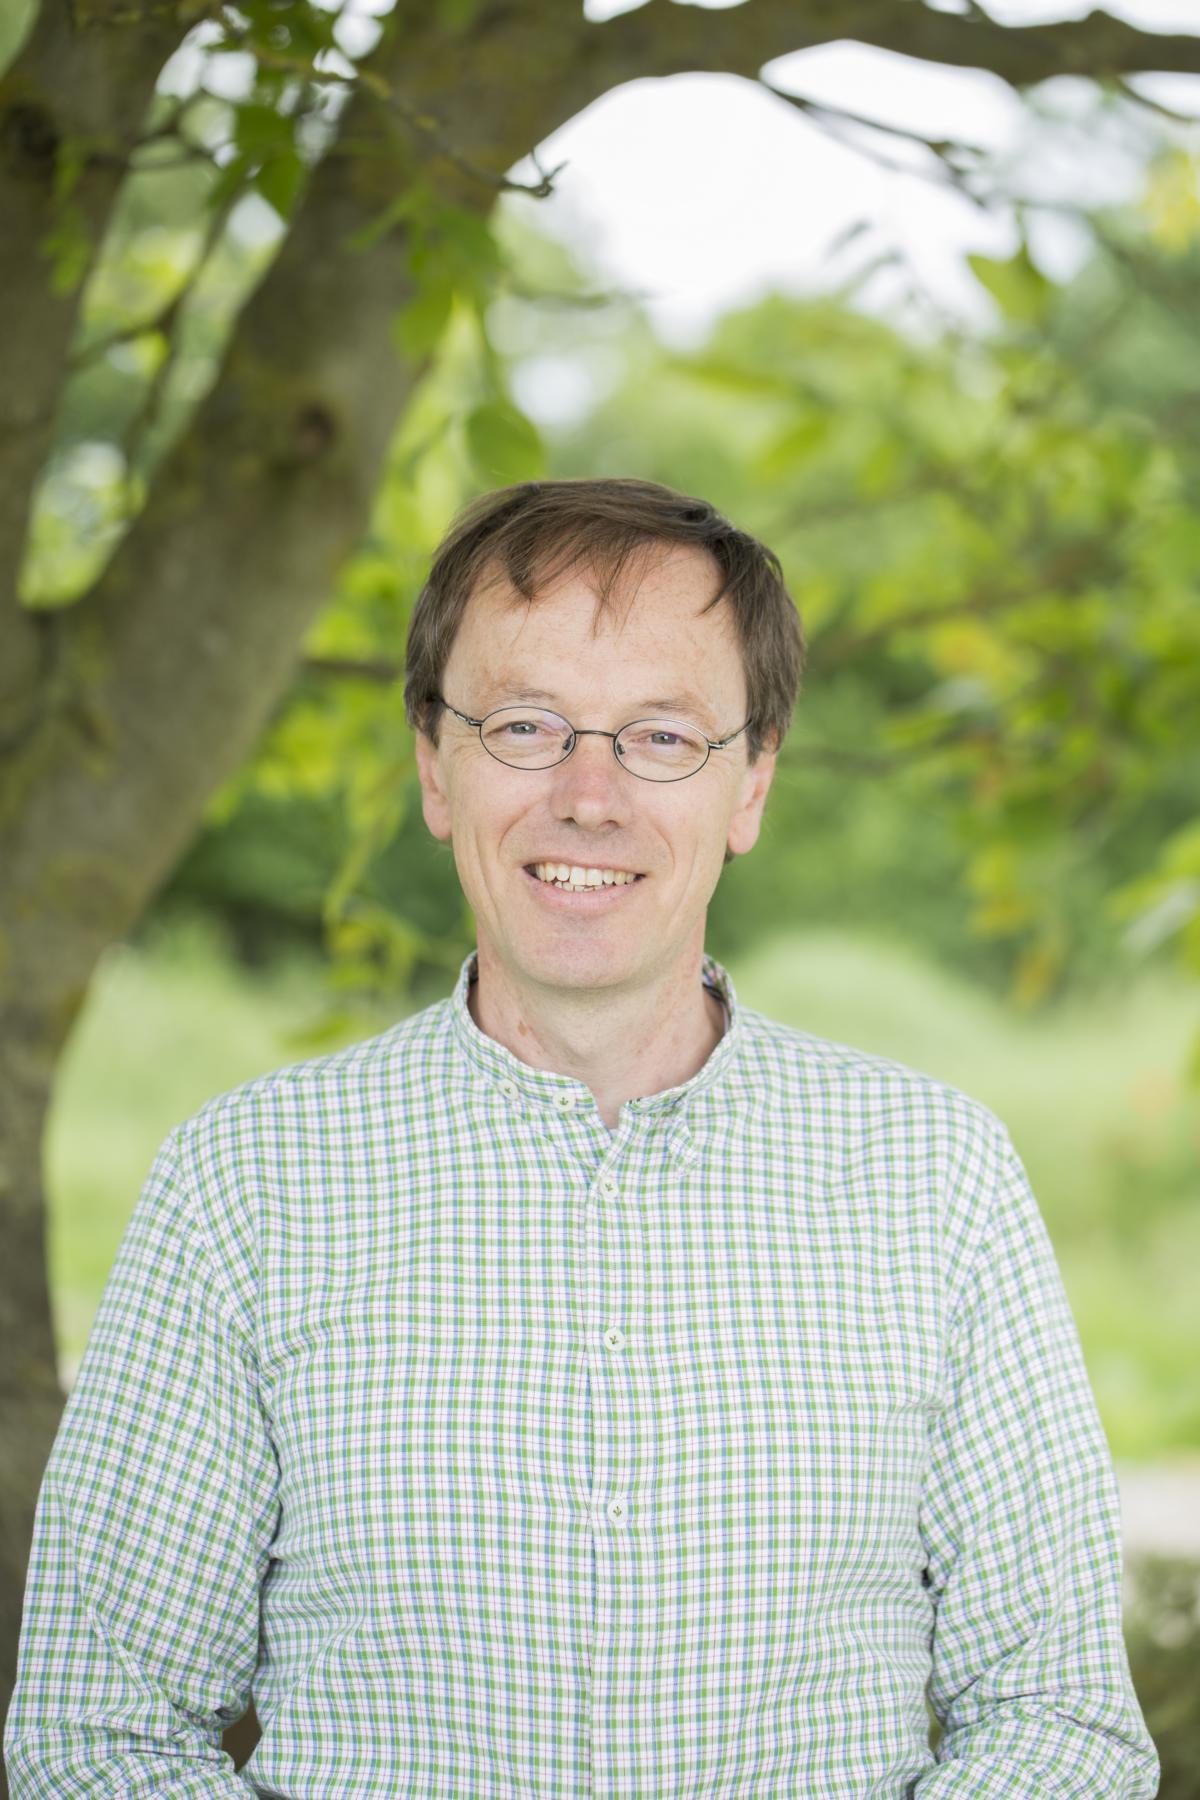 Portrait Christian Baier, Projektmanagement